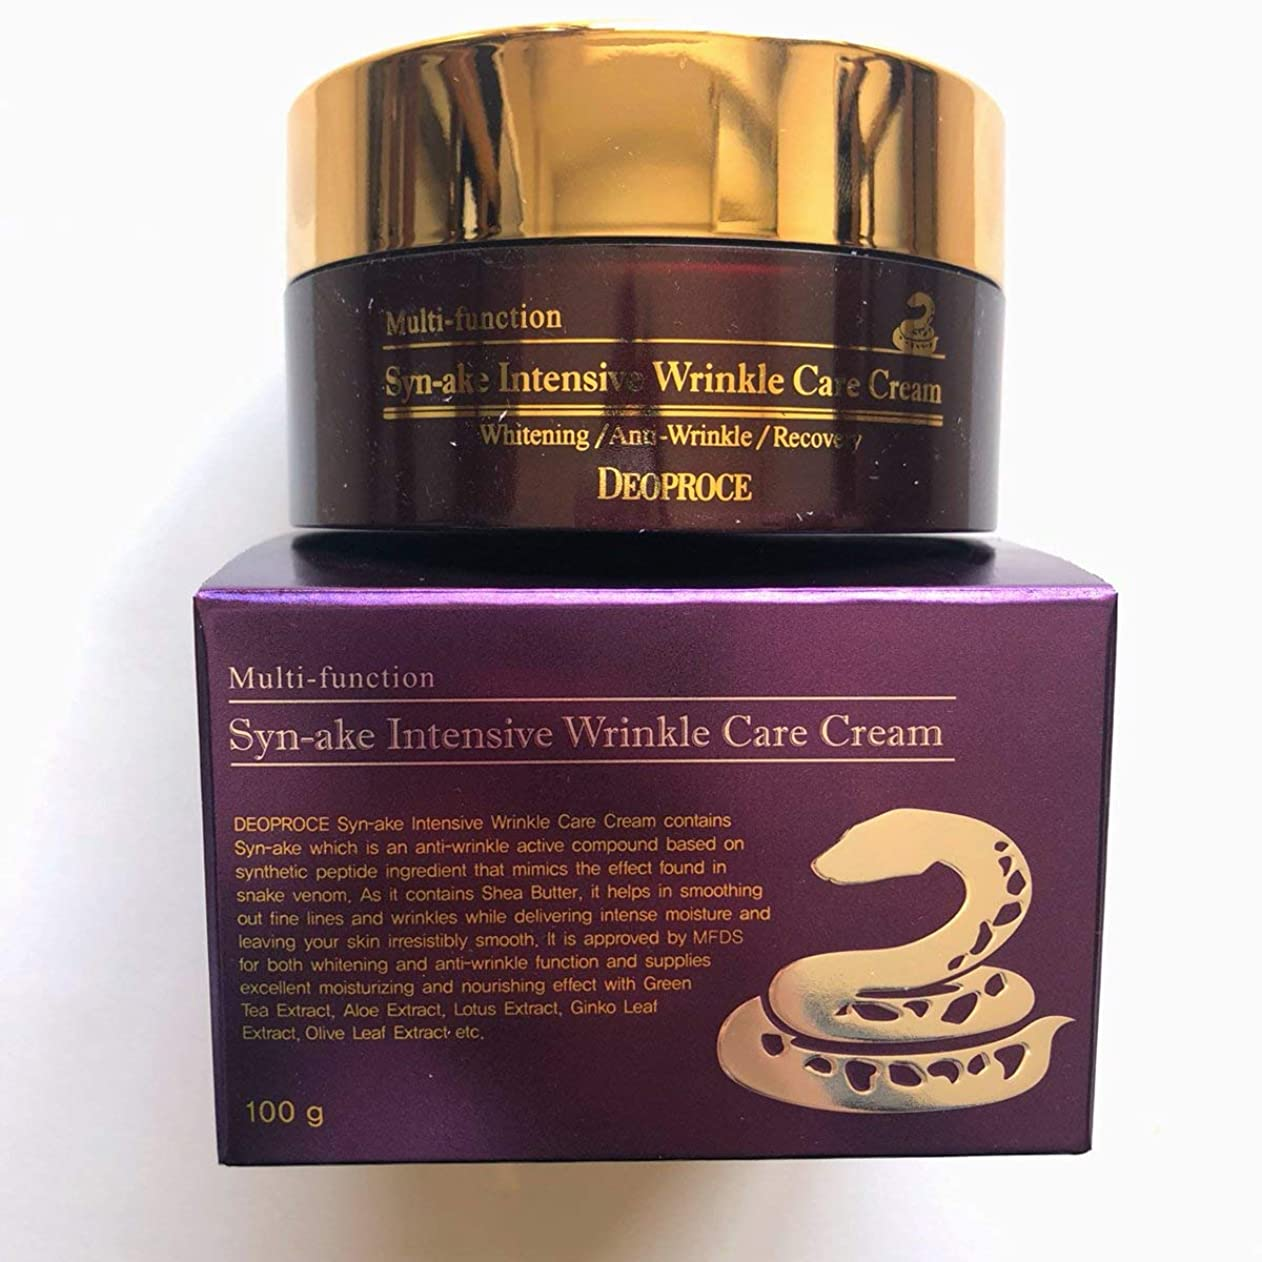 接続されたのり役に立つディオプラス(DEOPROCE) スネークインテンシブリンクルケアクリーム (Syn-ake Intensive Wrinkle Care Cream)